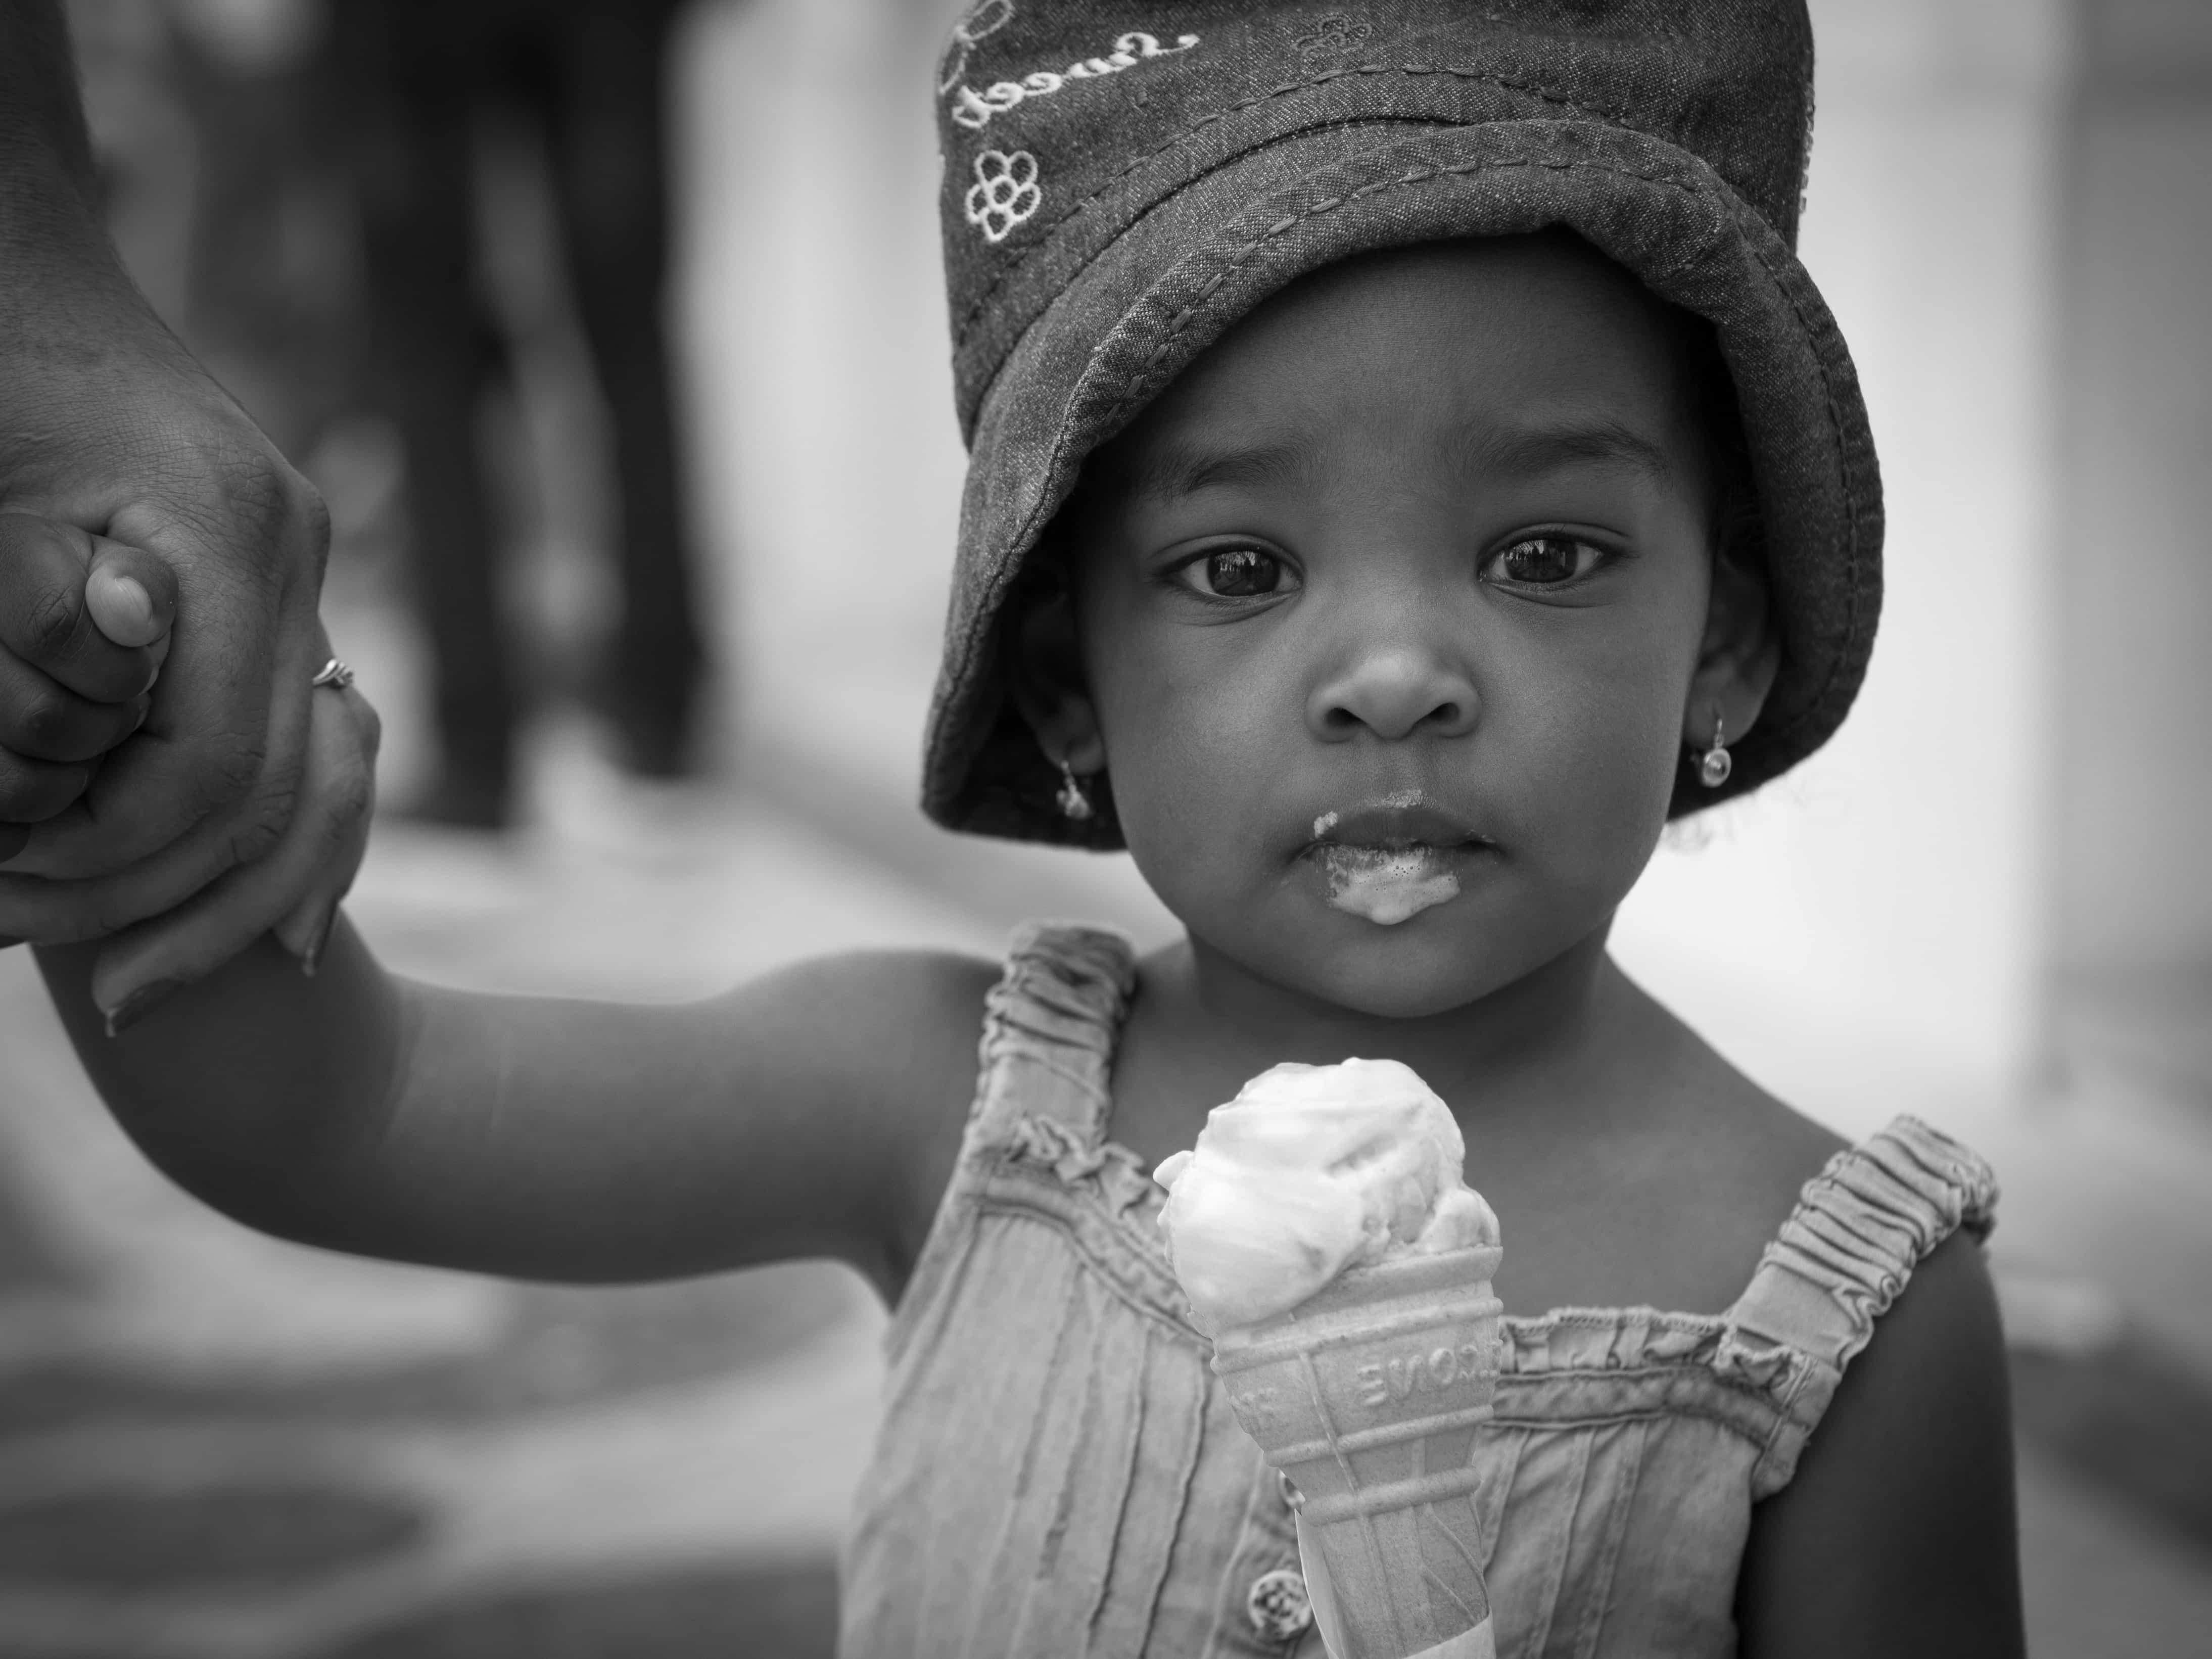 Kuvia kuumaa mustaa tyttöä